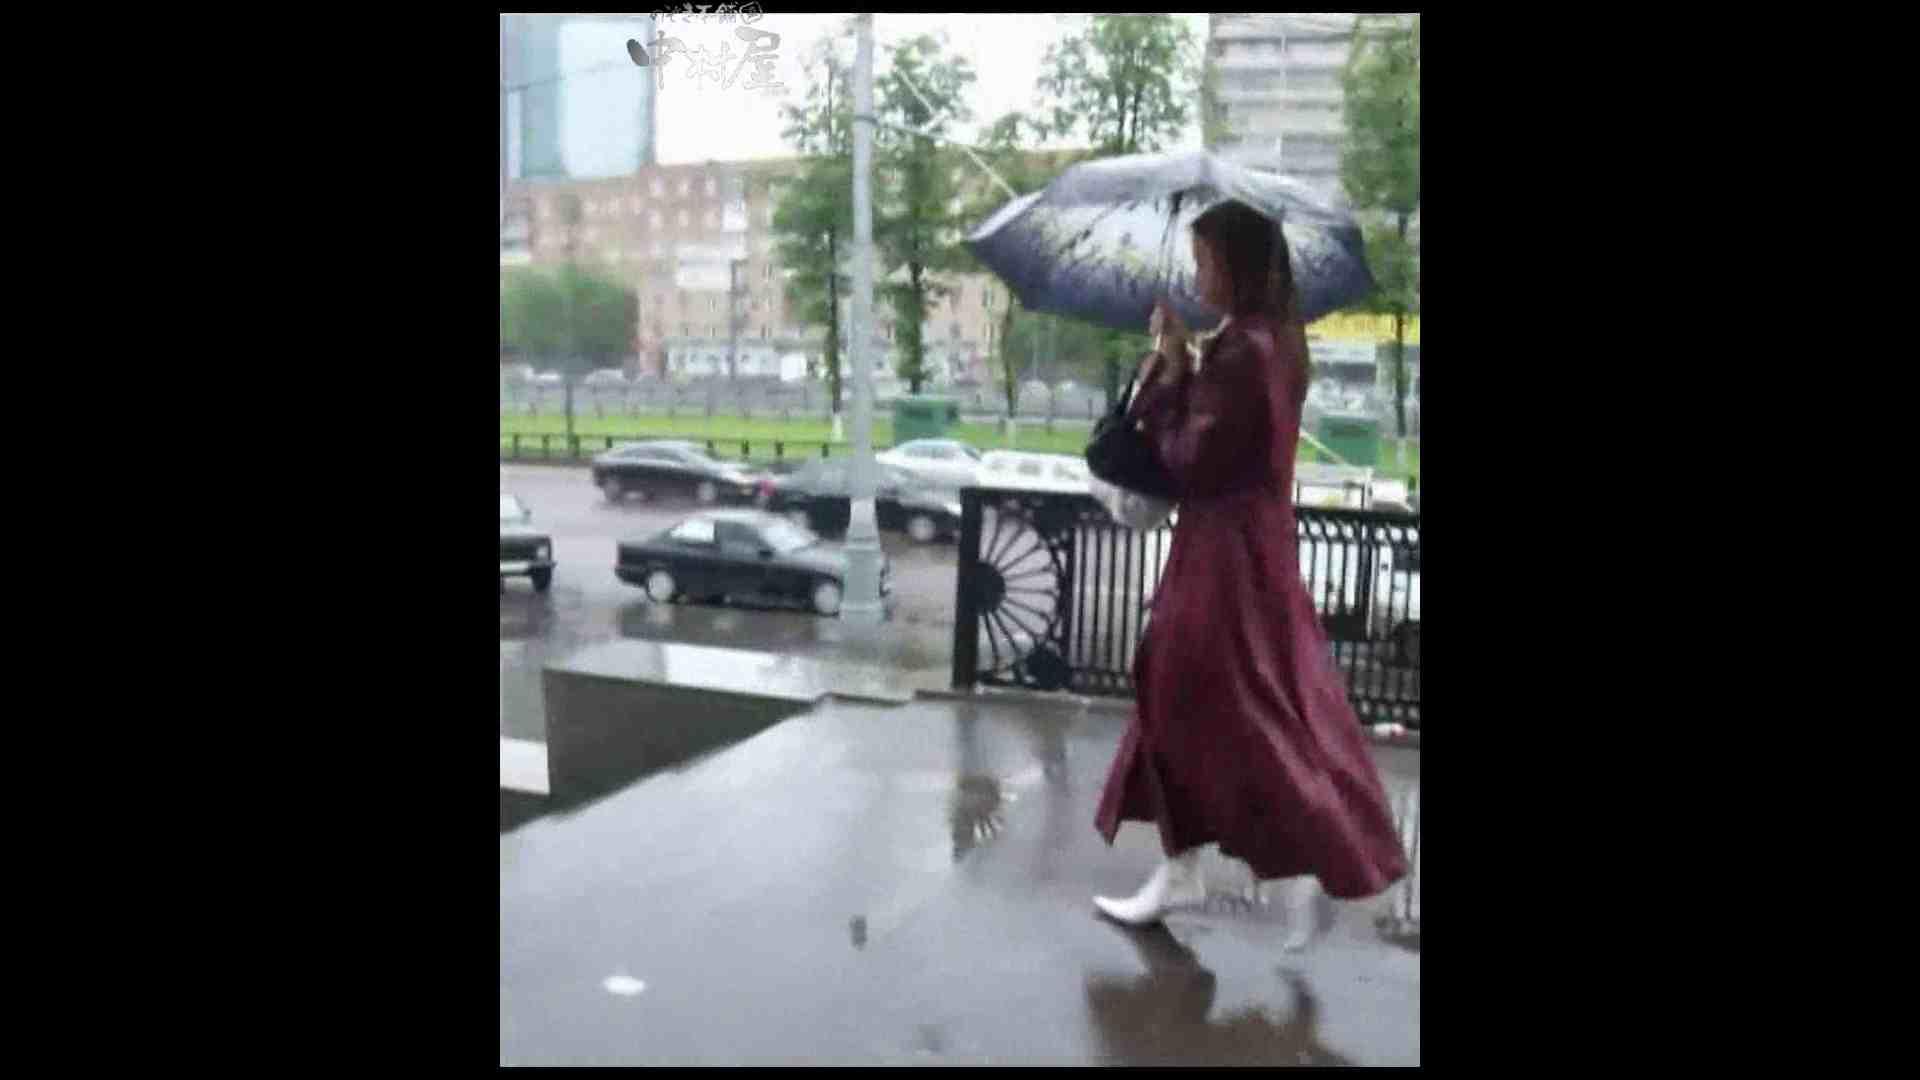 綺麗なモデルさんのスカート捲っちゃおう‼ vol13 OLハメ撮り  45Pix 25